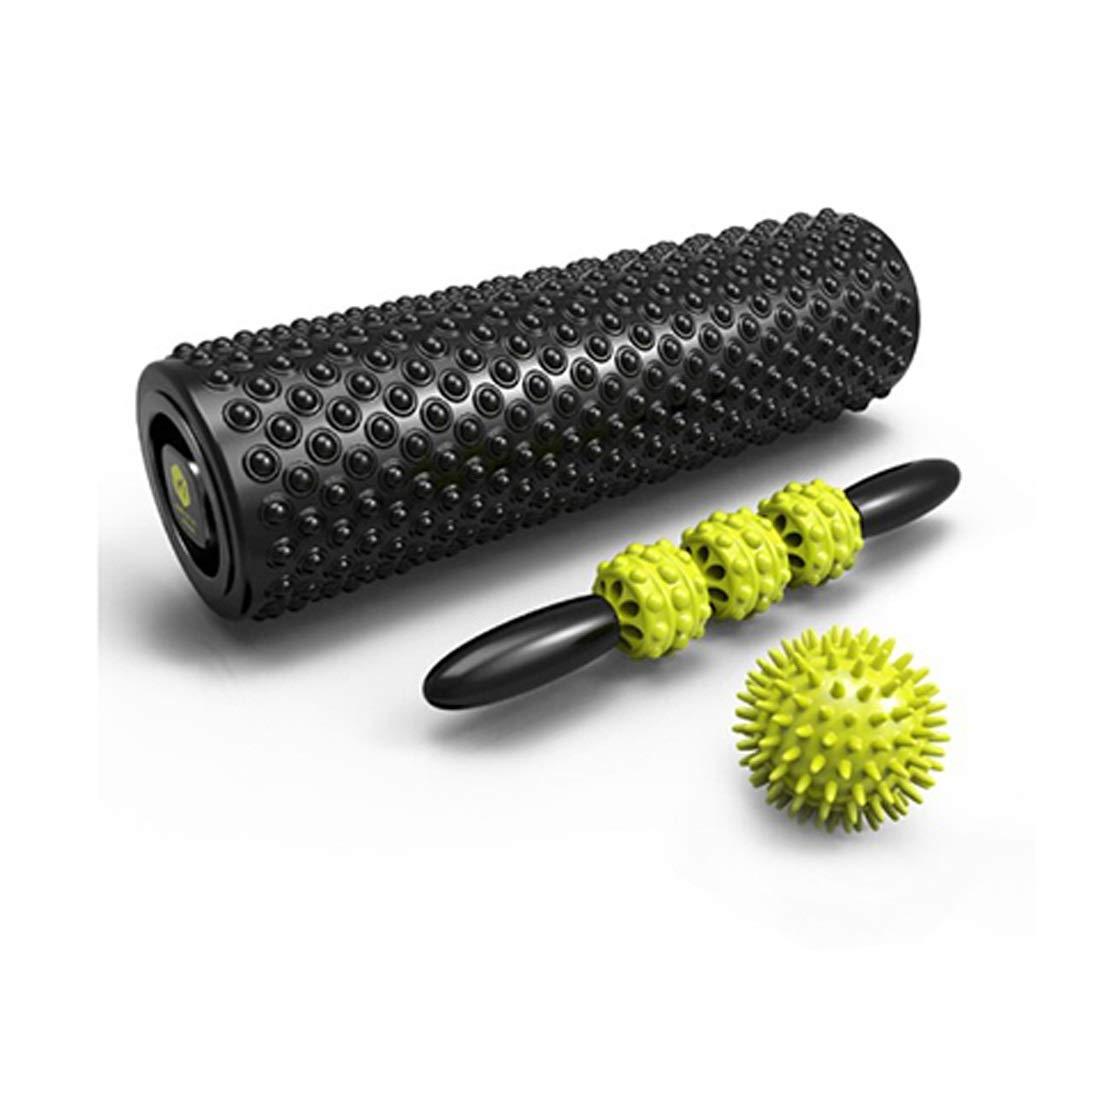 KERVINJESSIE Fitness Equipment Floating-Point Massage Rod Yoga Column Roller (Color : Black)